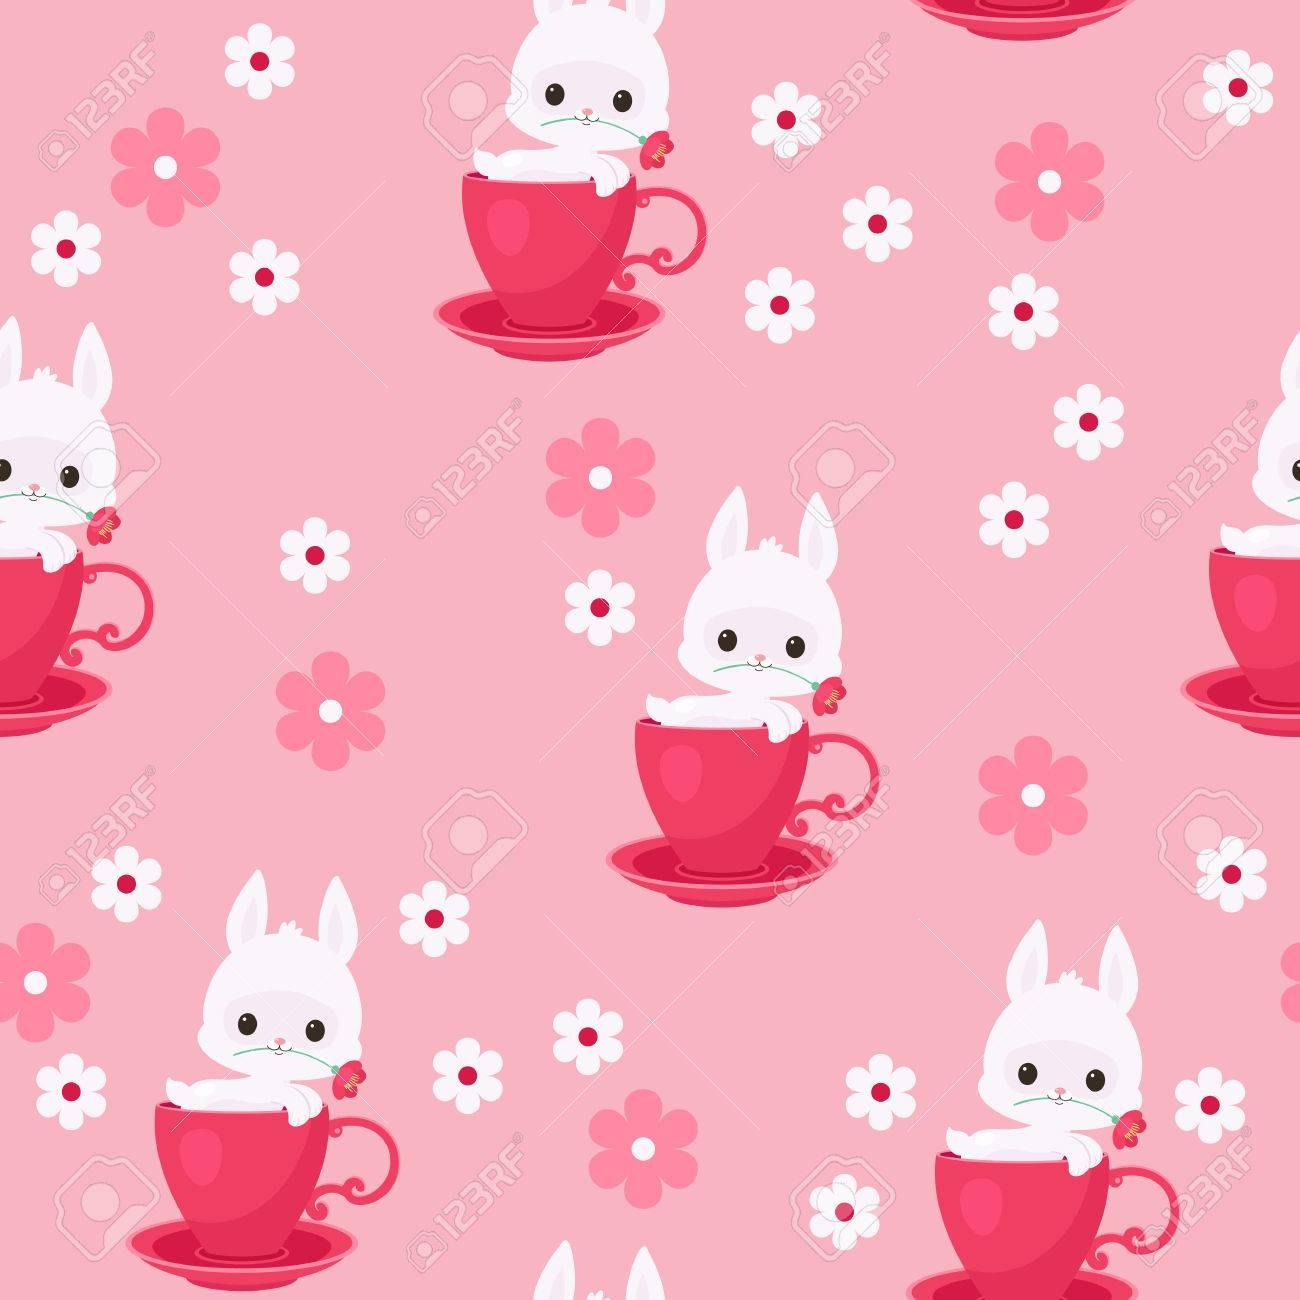 白ウサギ 紅茶 コーヒー カップのベクトル図のウサギ かわいい好奇心うさぎ ウサギのカップから覗く花を保持します シームレスな壁紙パターンのイラスト素材 ベクタ Image